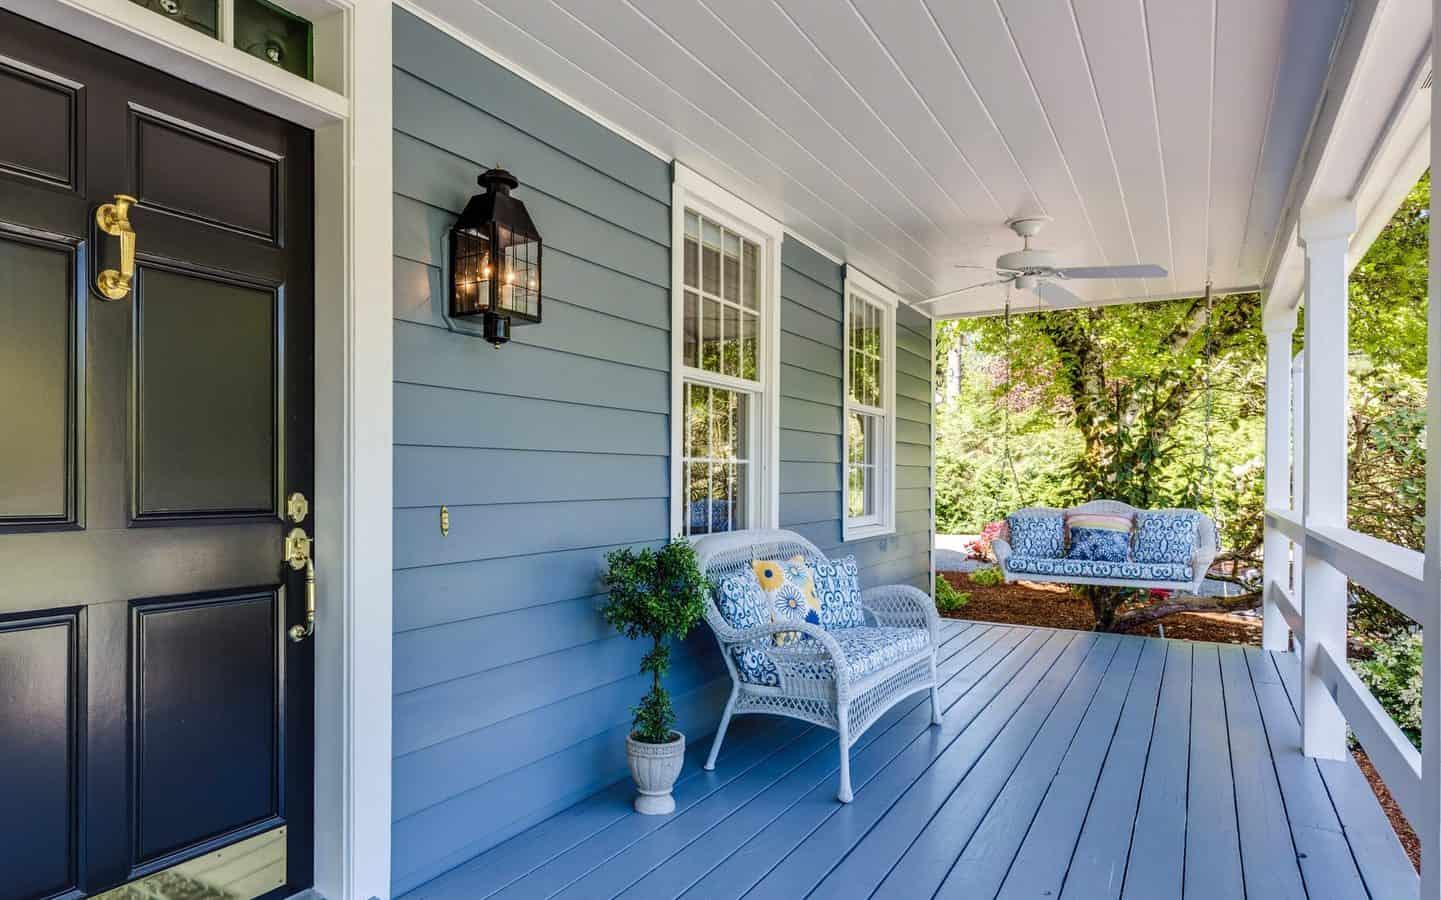 nice looking porch